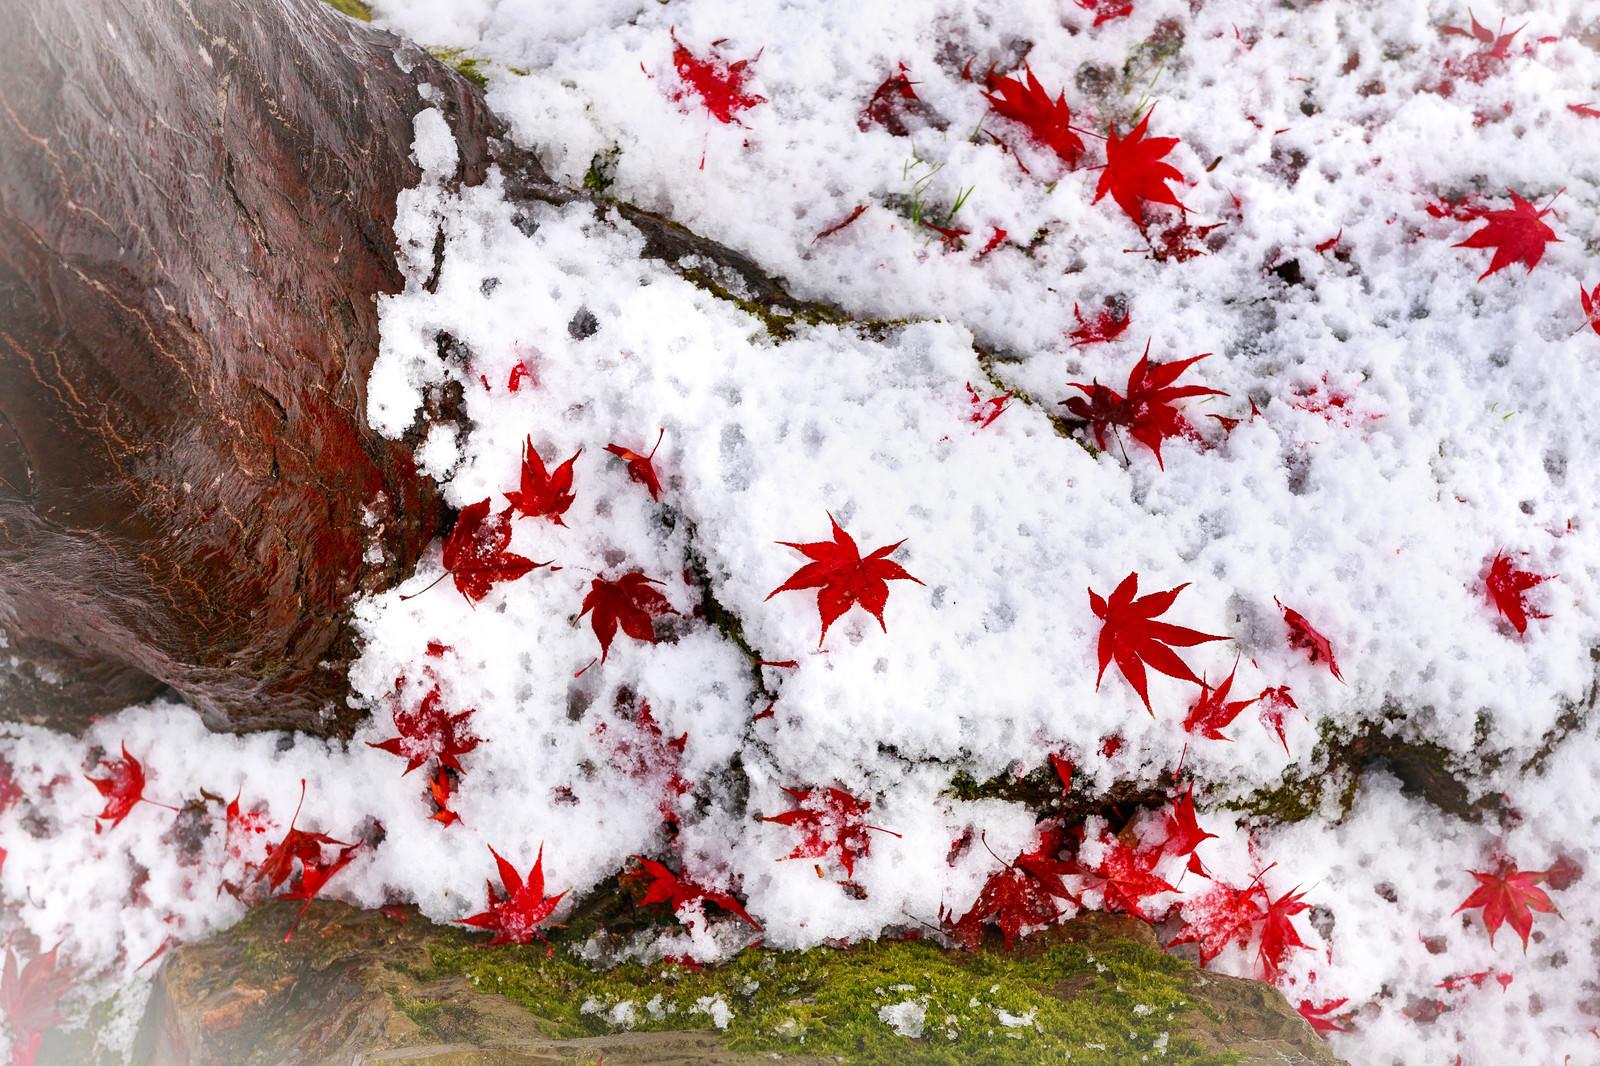 「雪の上に落ちたもみじ雪の上に落ちたもみじ」のフリー写真素材を拡大